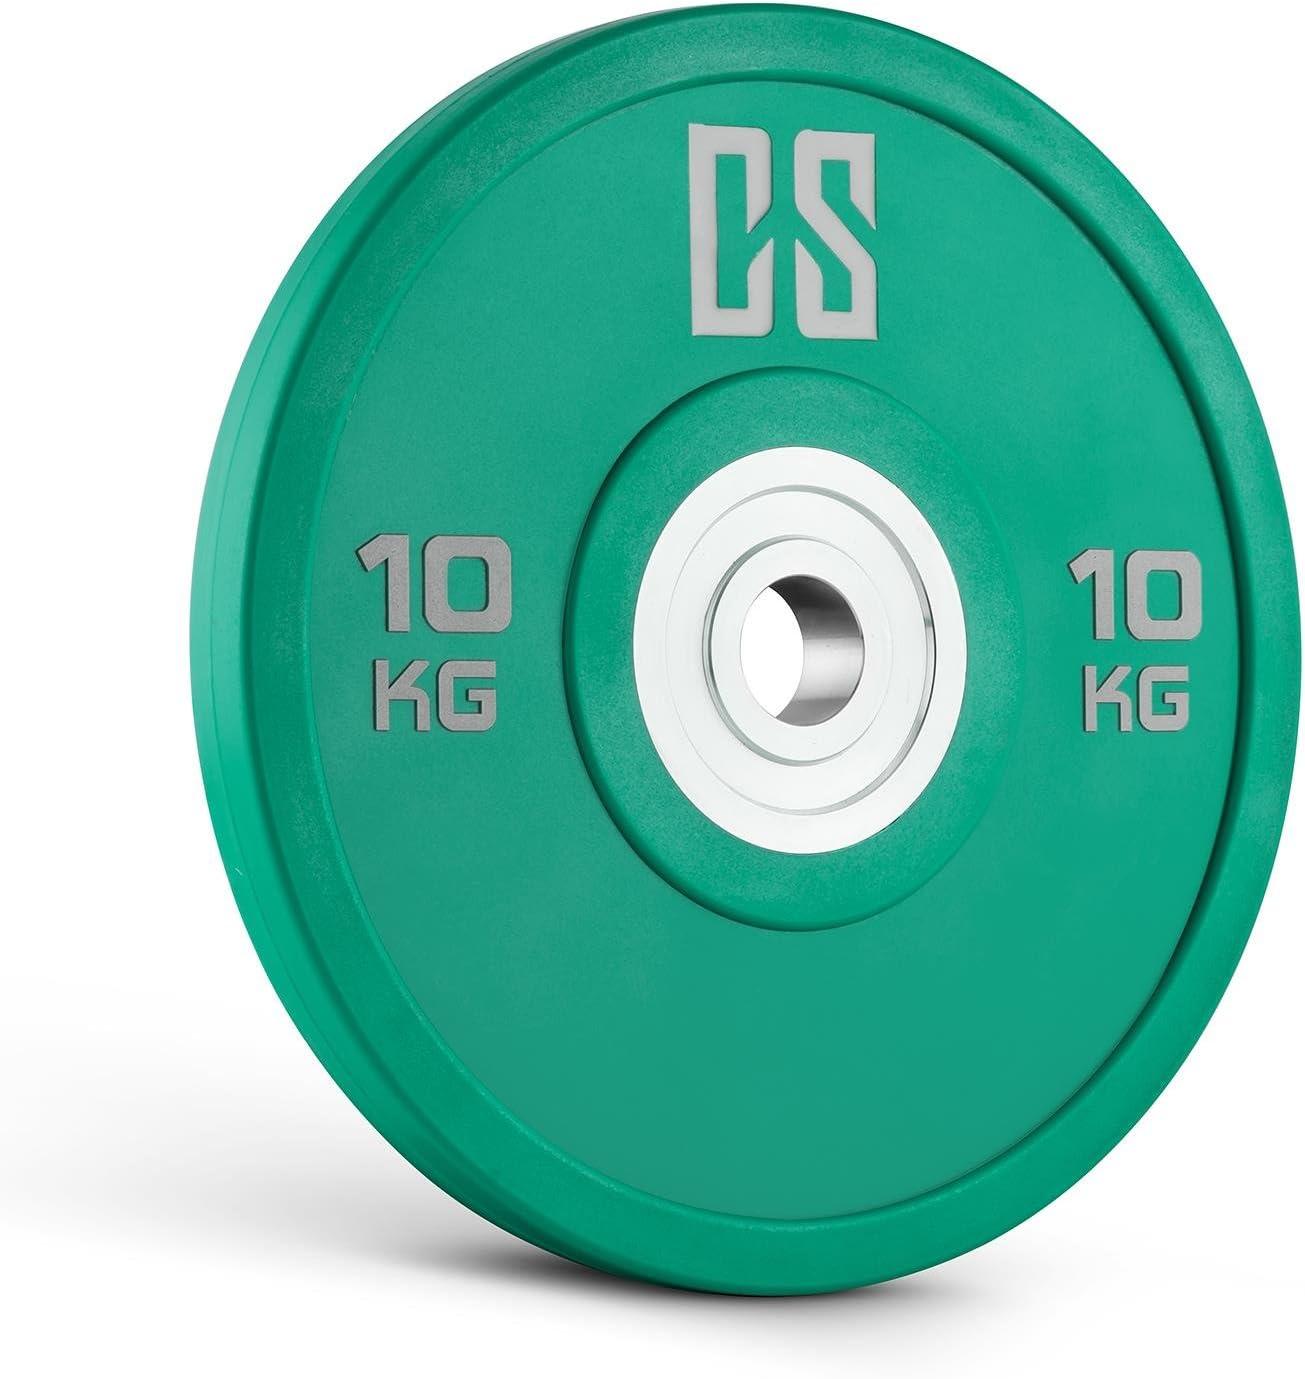 CAPITAL SPORTS Performan Juego completo Discos de peso 4 parejas 10-25 kg (Poliuretano, Dead Bounce, ideal barra olímpica o Cross-Training, Weight Drops - Saques, baja fricción): Amazon.es: Deportes y aire libre